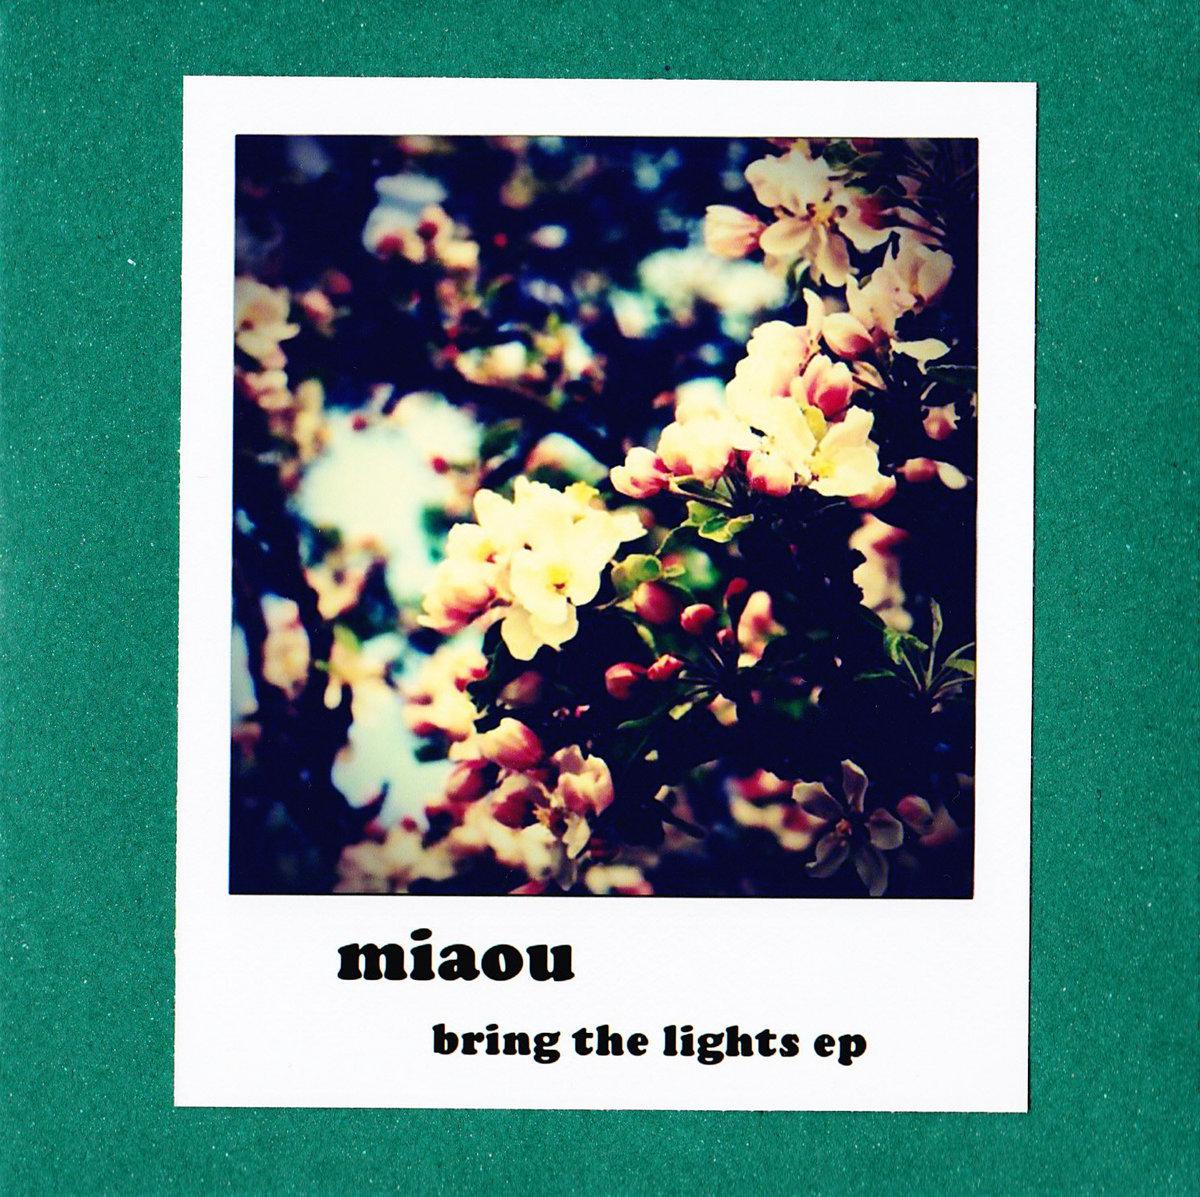 miaou - Below The Sea Tour E.P.